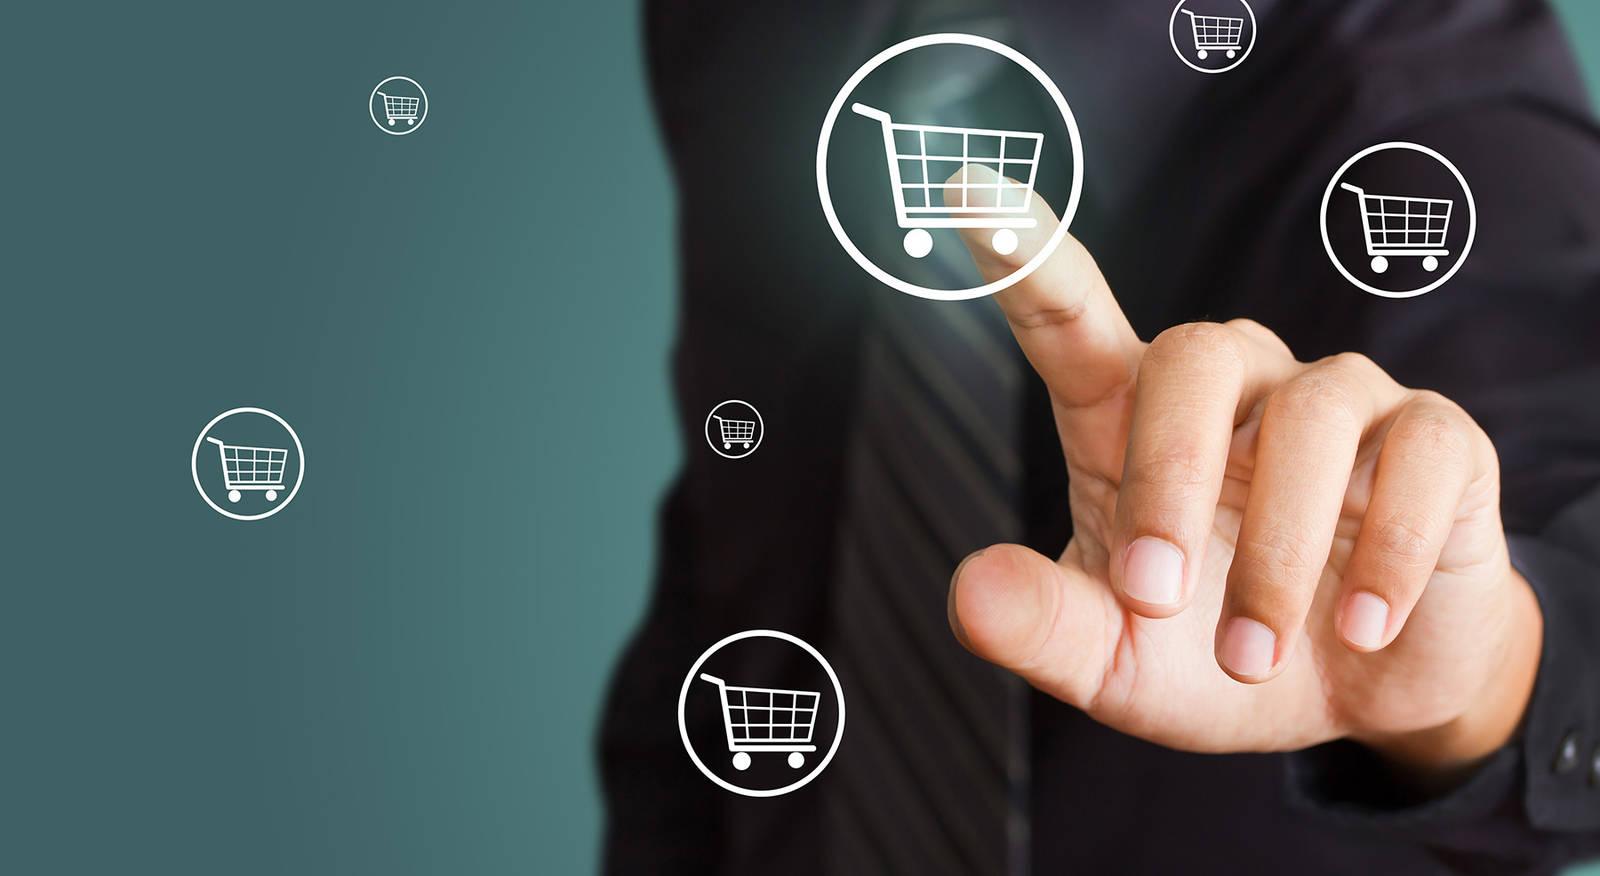 الاتجاهات_الحديثة_في_إدارة_المشتريات_والمخازن